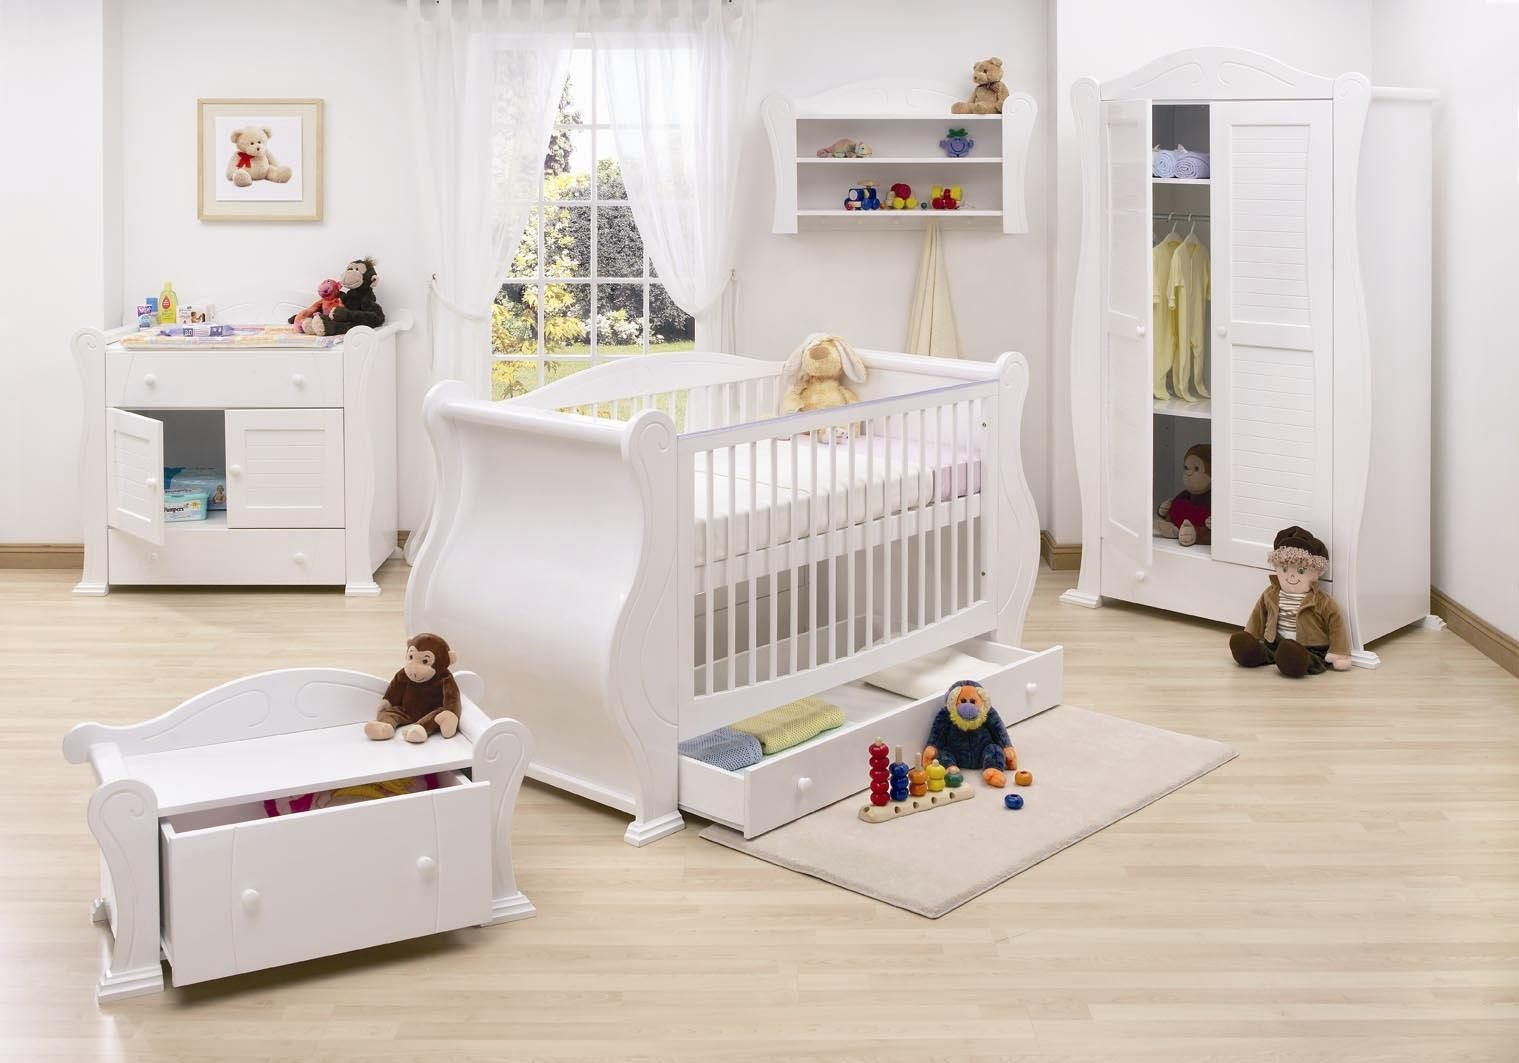 Galer a de im genes dormitorios de beb s - Fotos habitaciones bebes ...